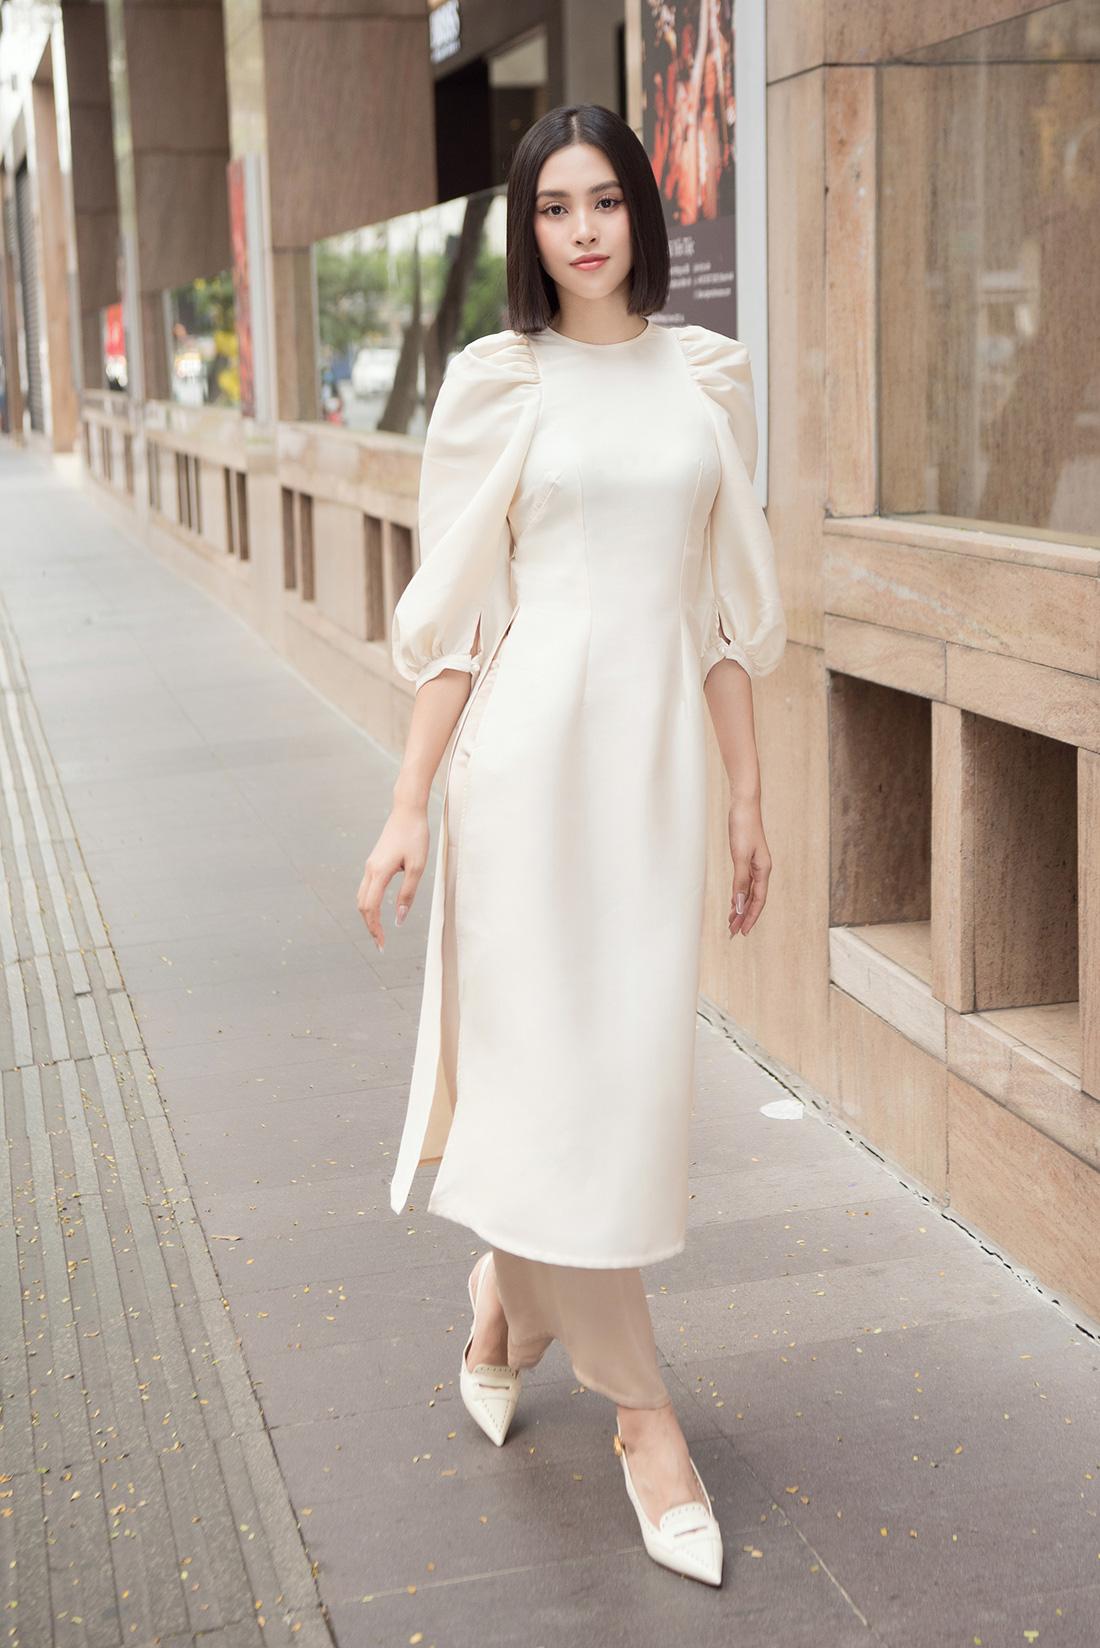 Đỗ Mỹ Linh, Trần Tiểu Vy gợi ý cách mặc áo dài Tết đẹp như hoa hậu - Ảnh 5.